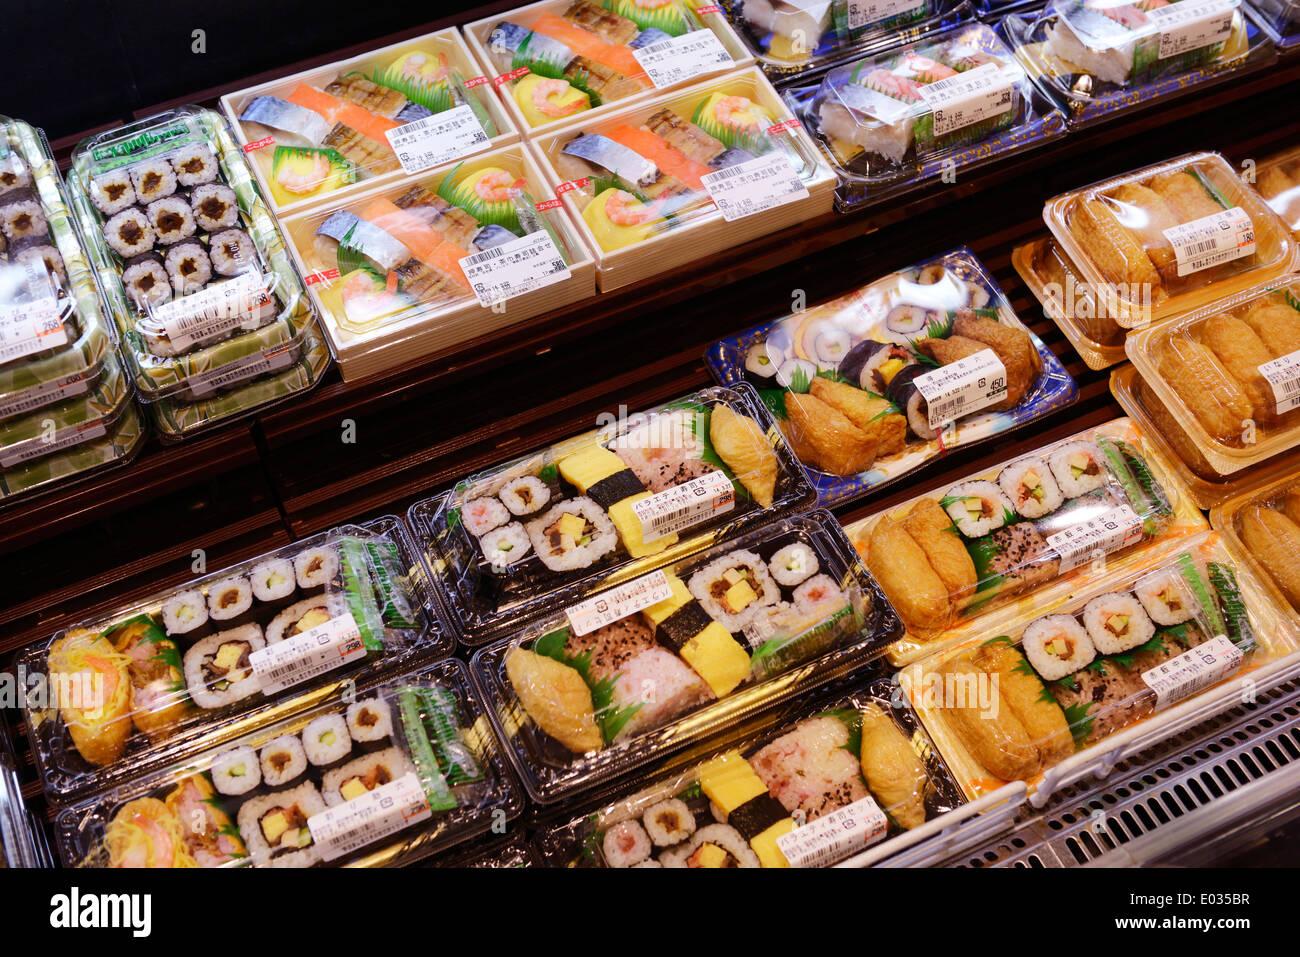 Verpackten Sushi Rollen, zubereitete Speisen auf dem Display in einem japanischen Supermarkt. Tokio, Japan. Stockbild